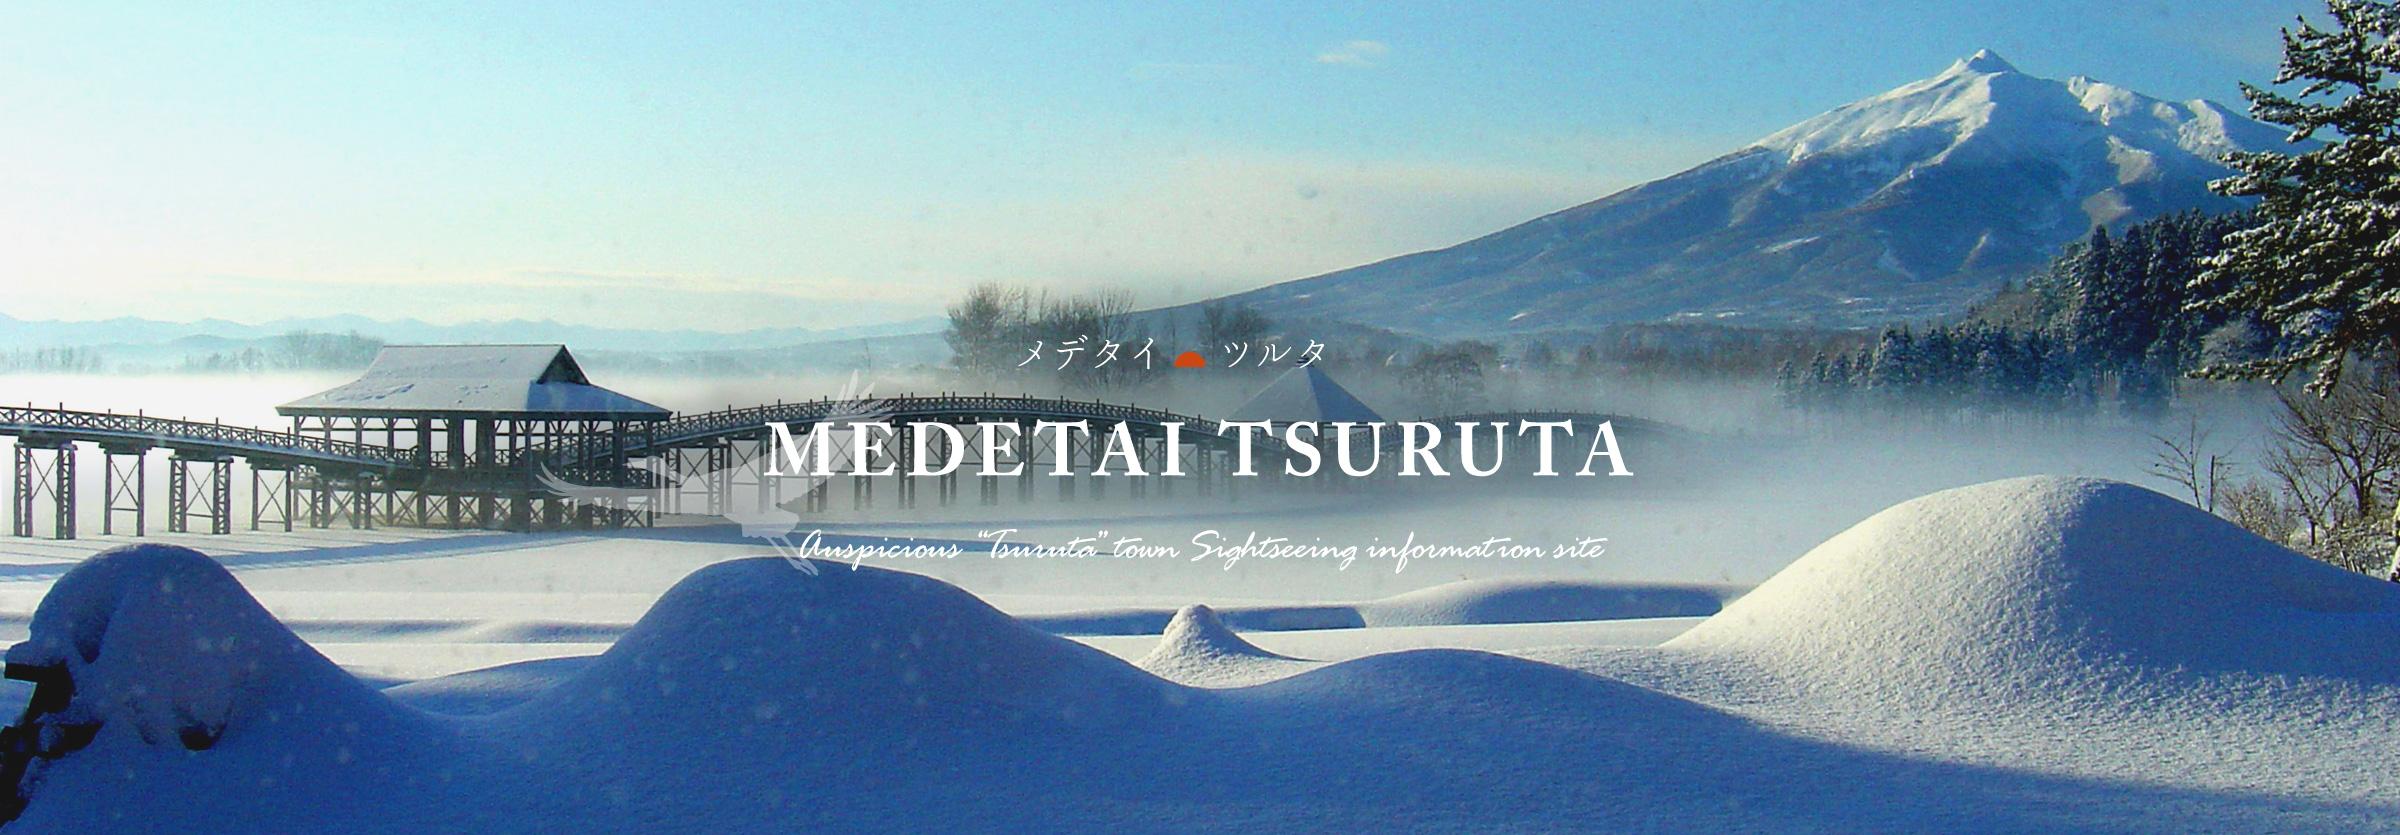 冬季津輕富士見湖